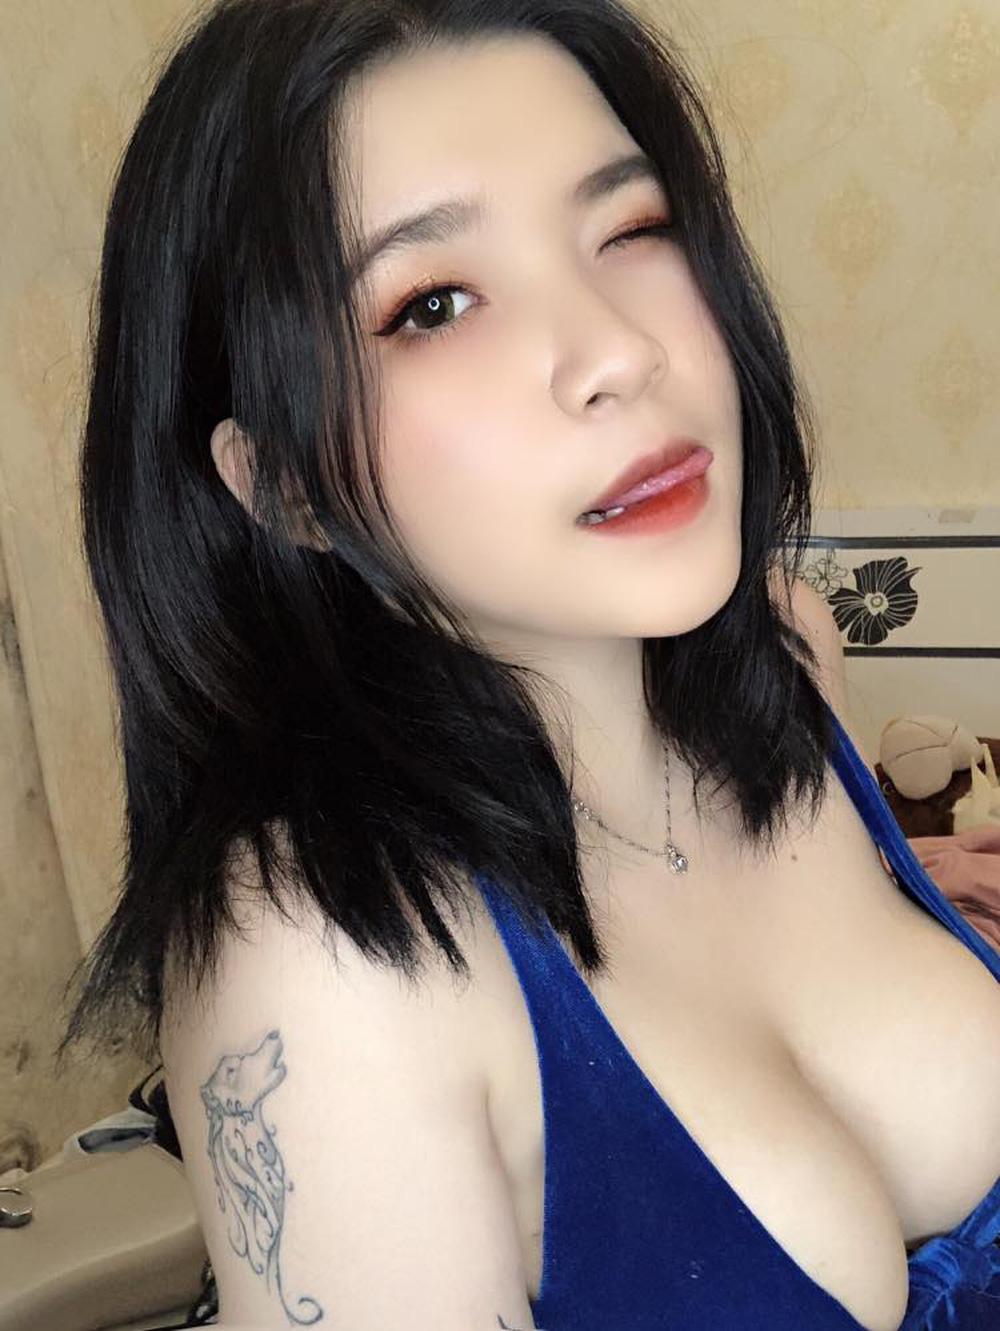 Hot girl trong vụ lộ 40GB ảnh nóng: Từng bị tung clip nhạy cảm lên mạng xã hội cách đây 3 năm-2